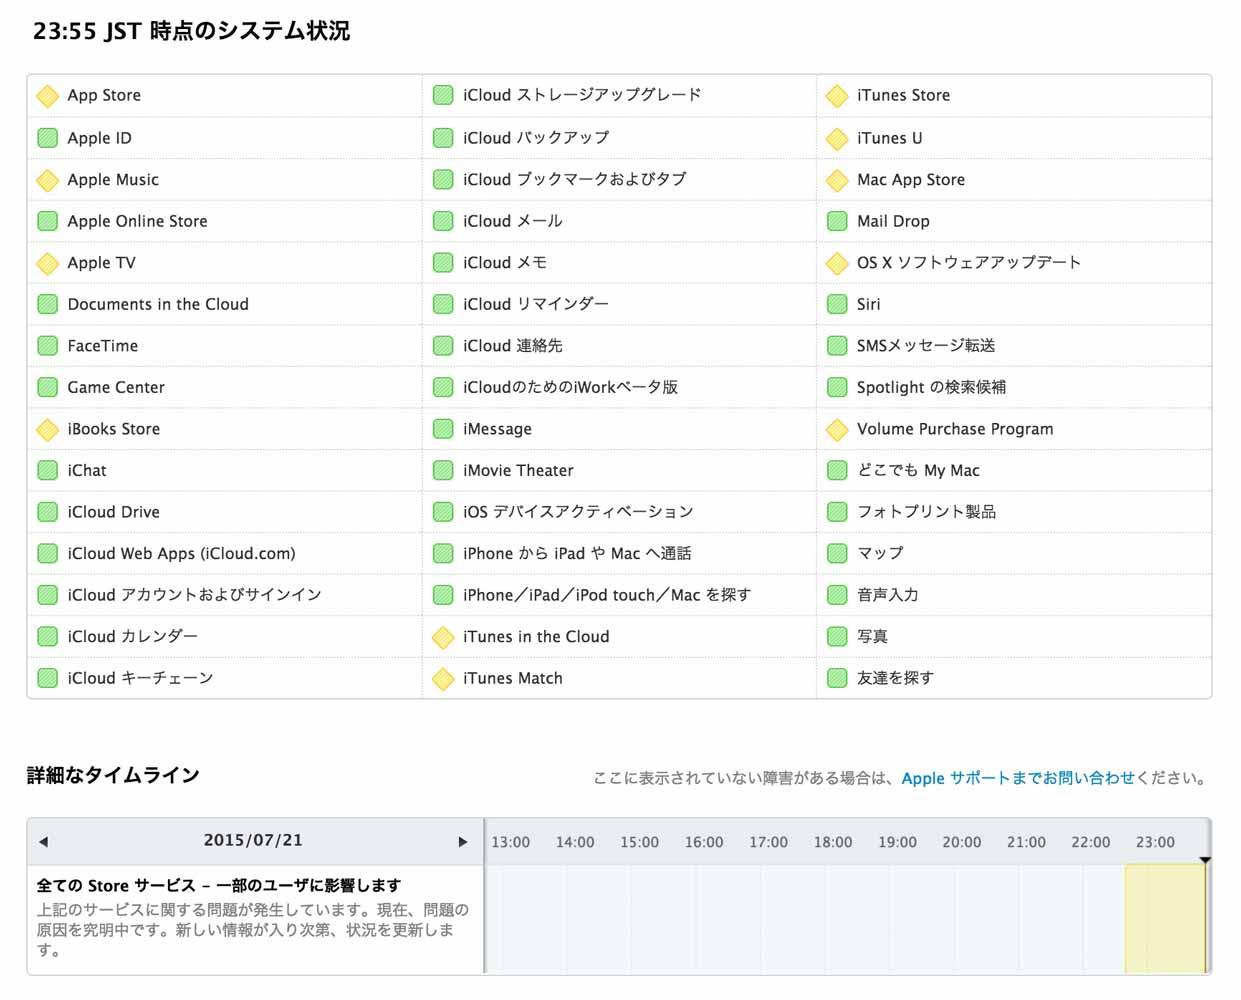 【復旧】Apple Music、iTunes Storeなどのサービスに障害が発生中